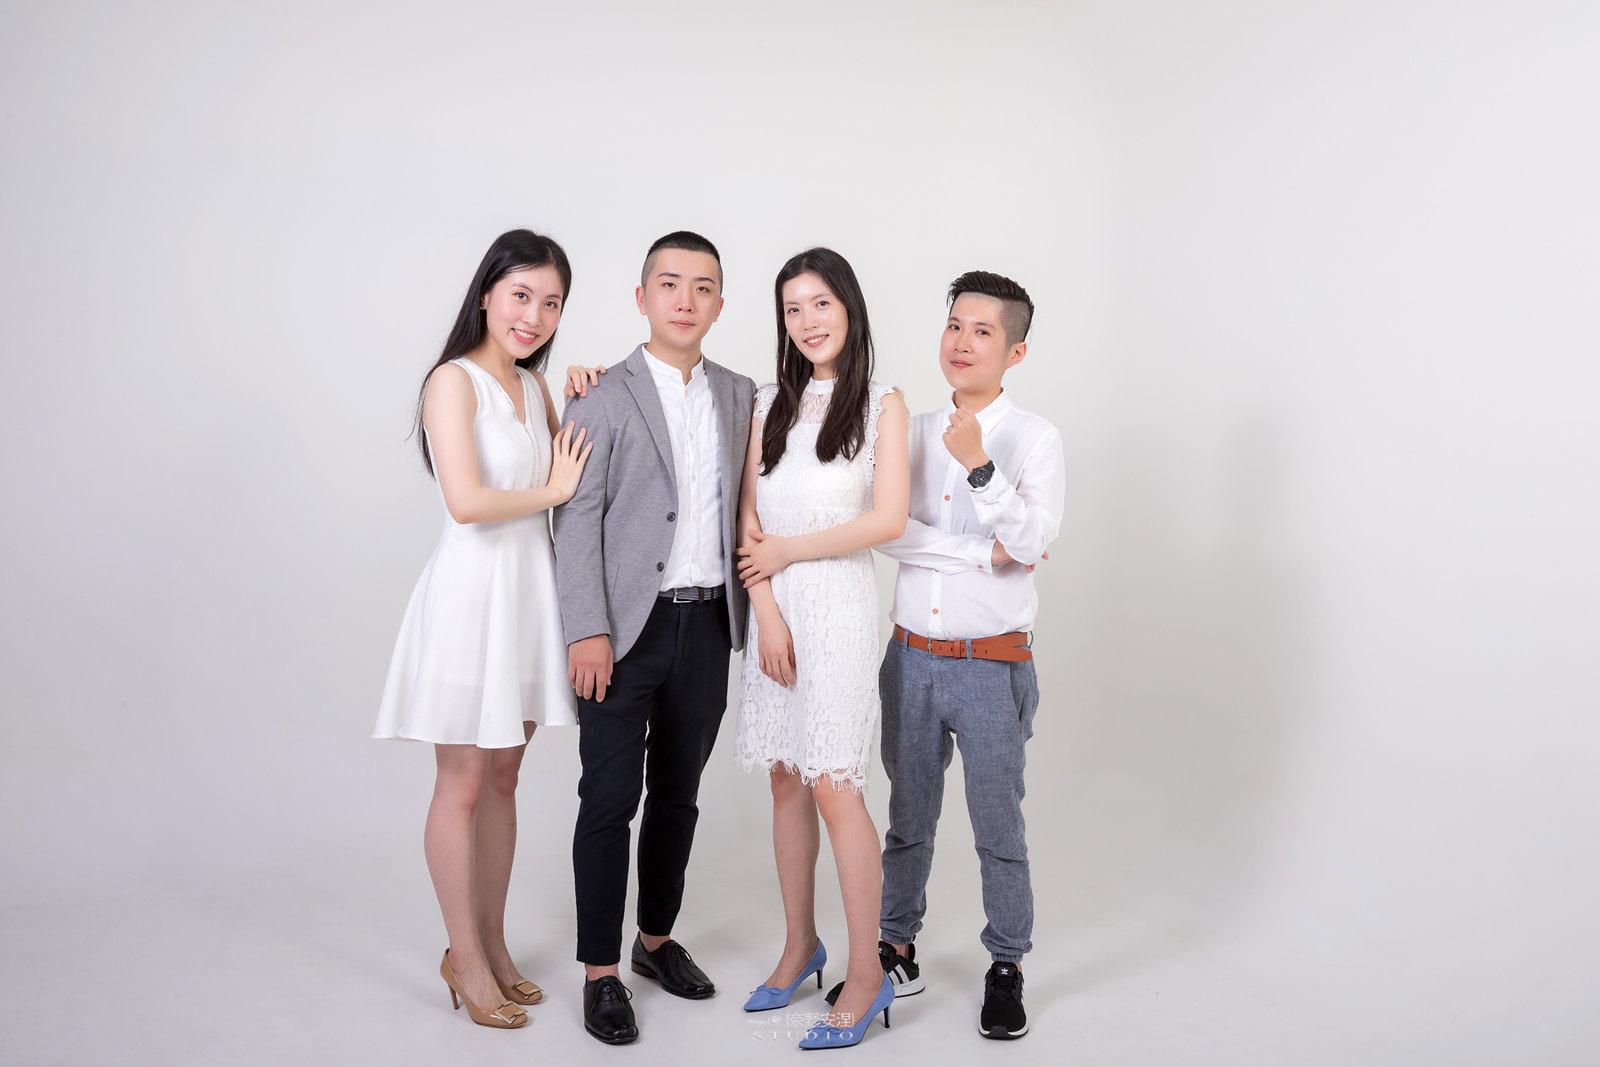 台南全家福 | 拋棄傳統合照的彆扭,忠實呈現家人間最親密的情感9